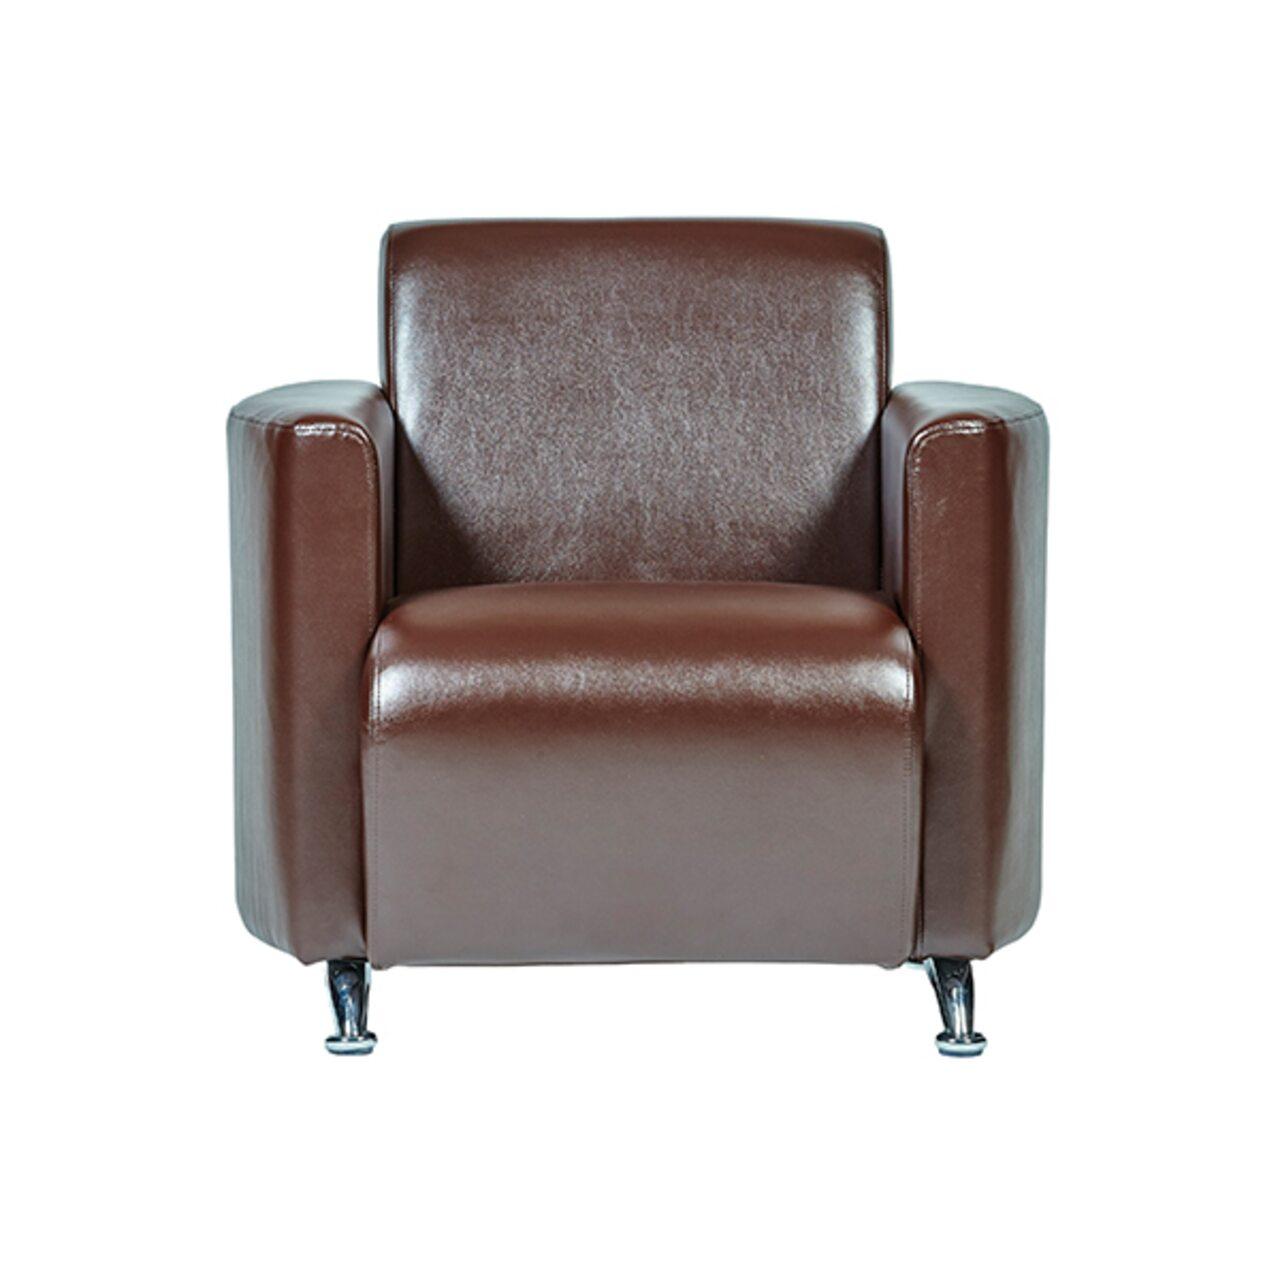 Кресло  СИТИ 81x70x78 - фото 1